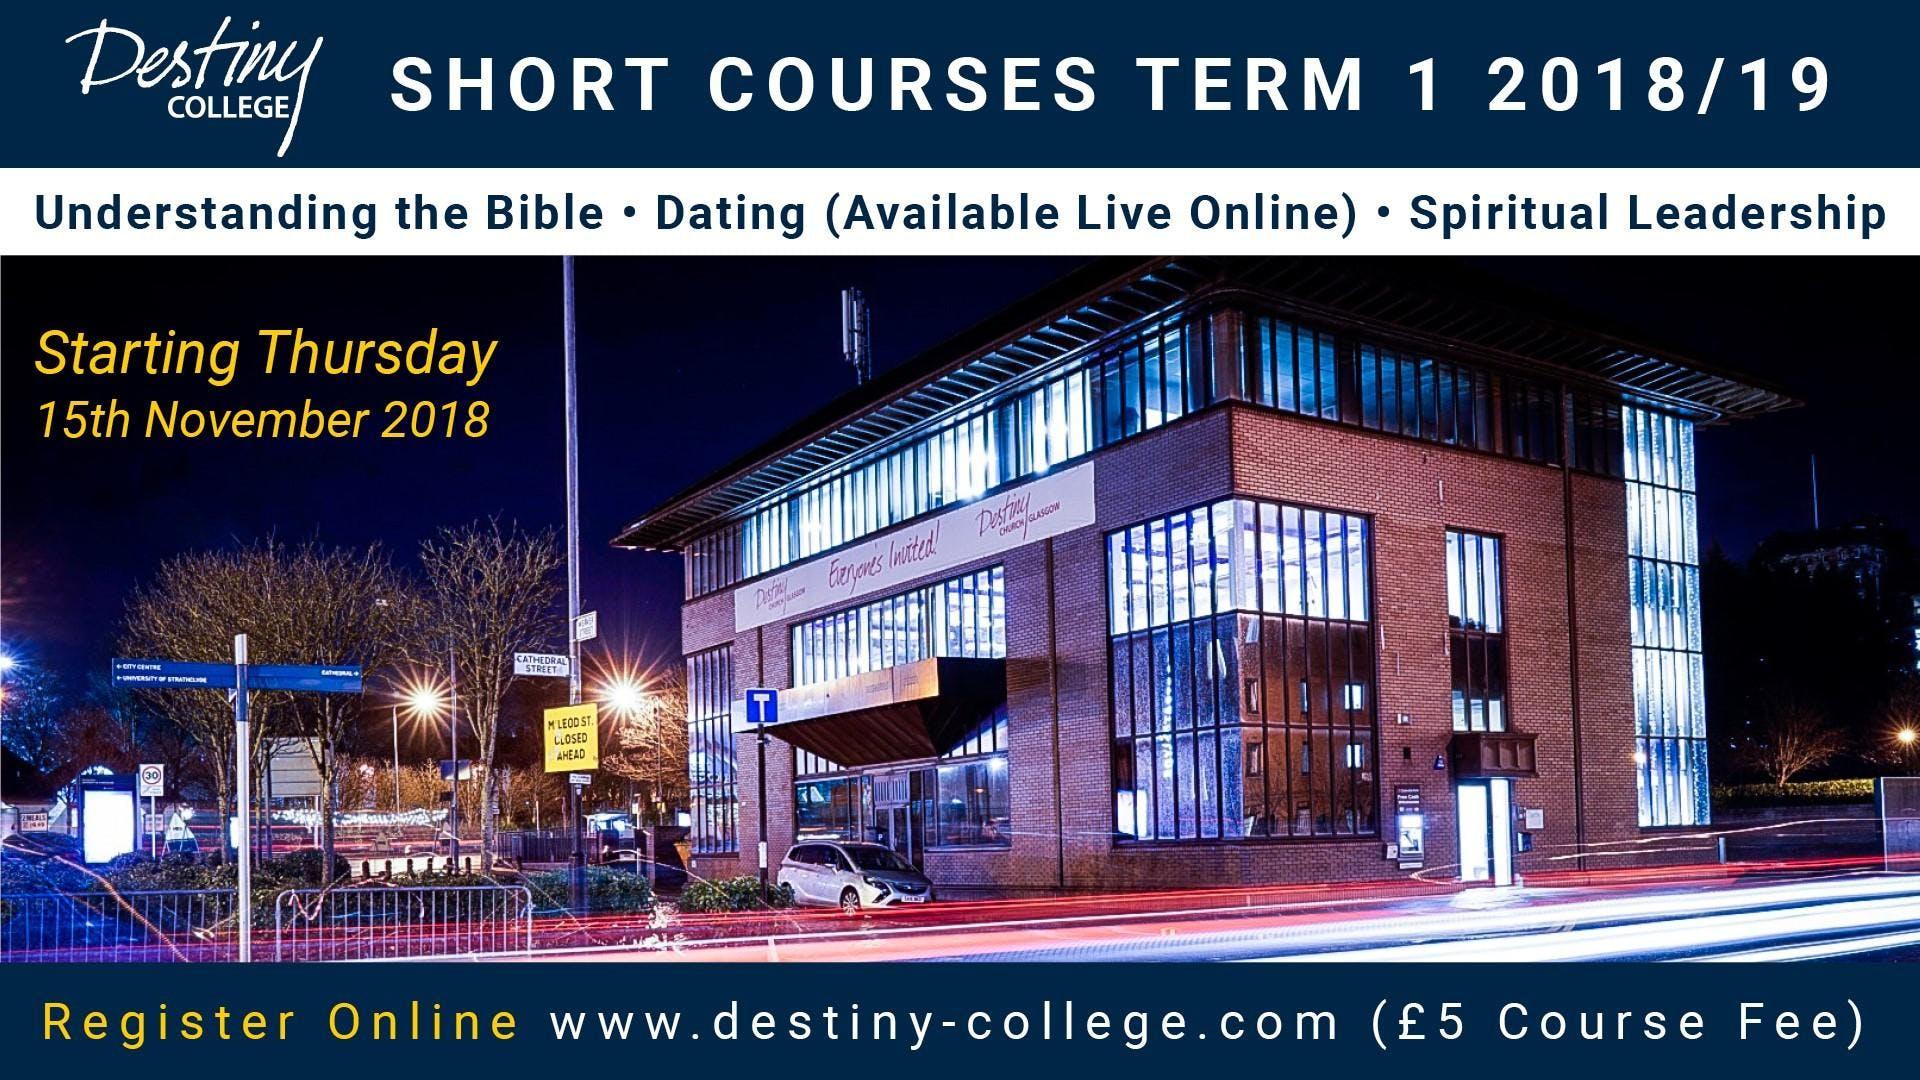 Destiny College: Short Courses Term 1 2018/19